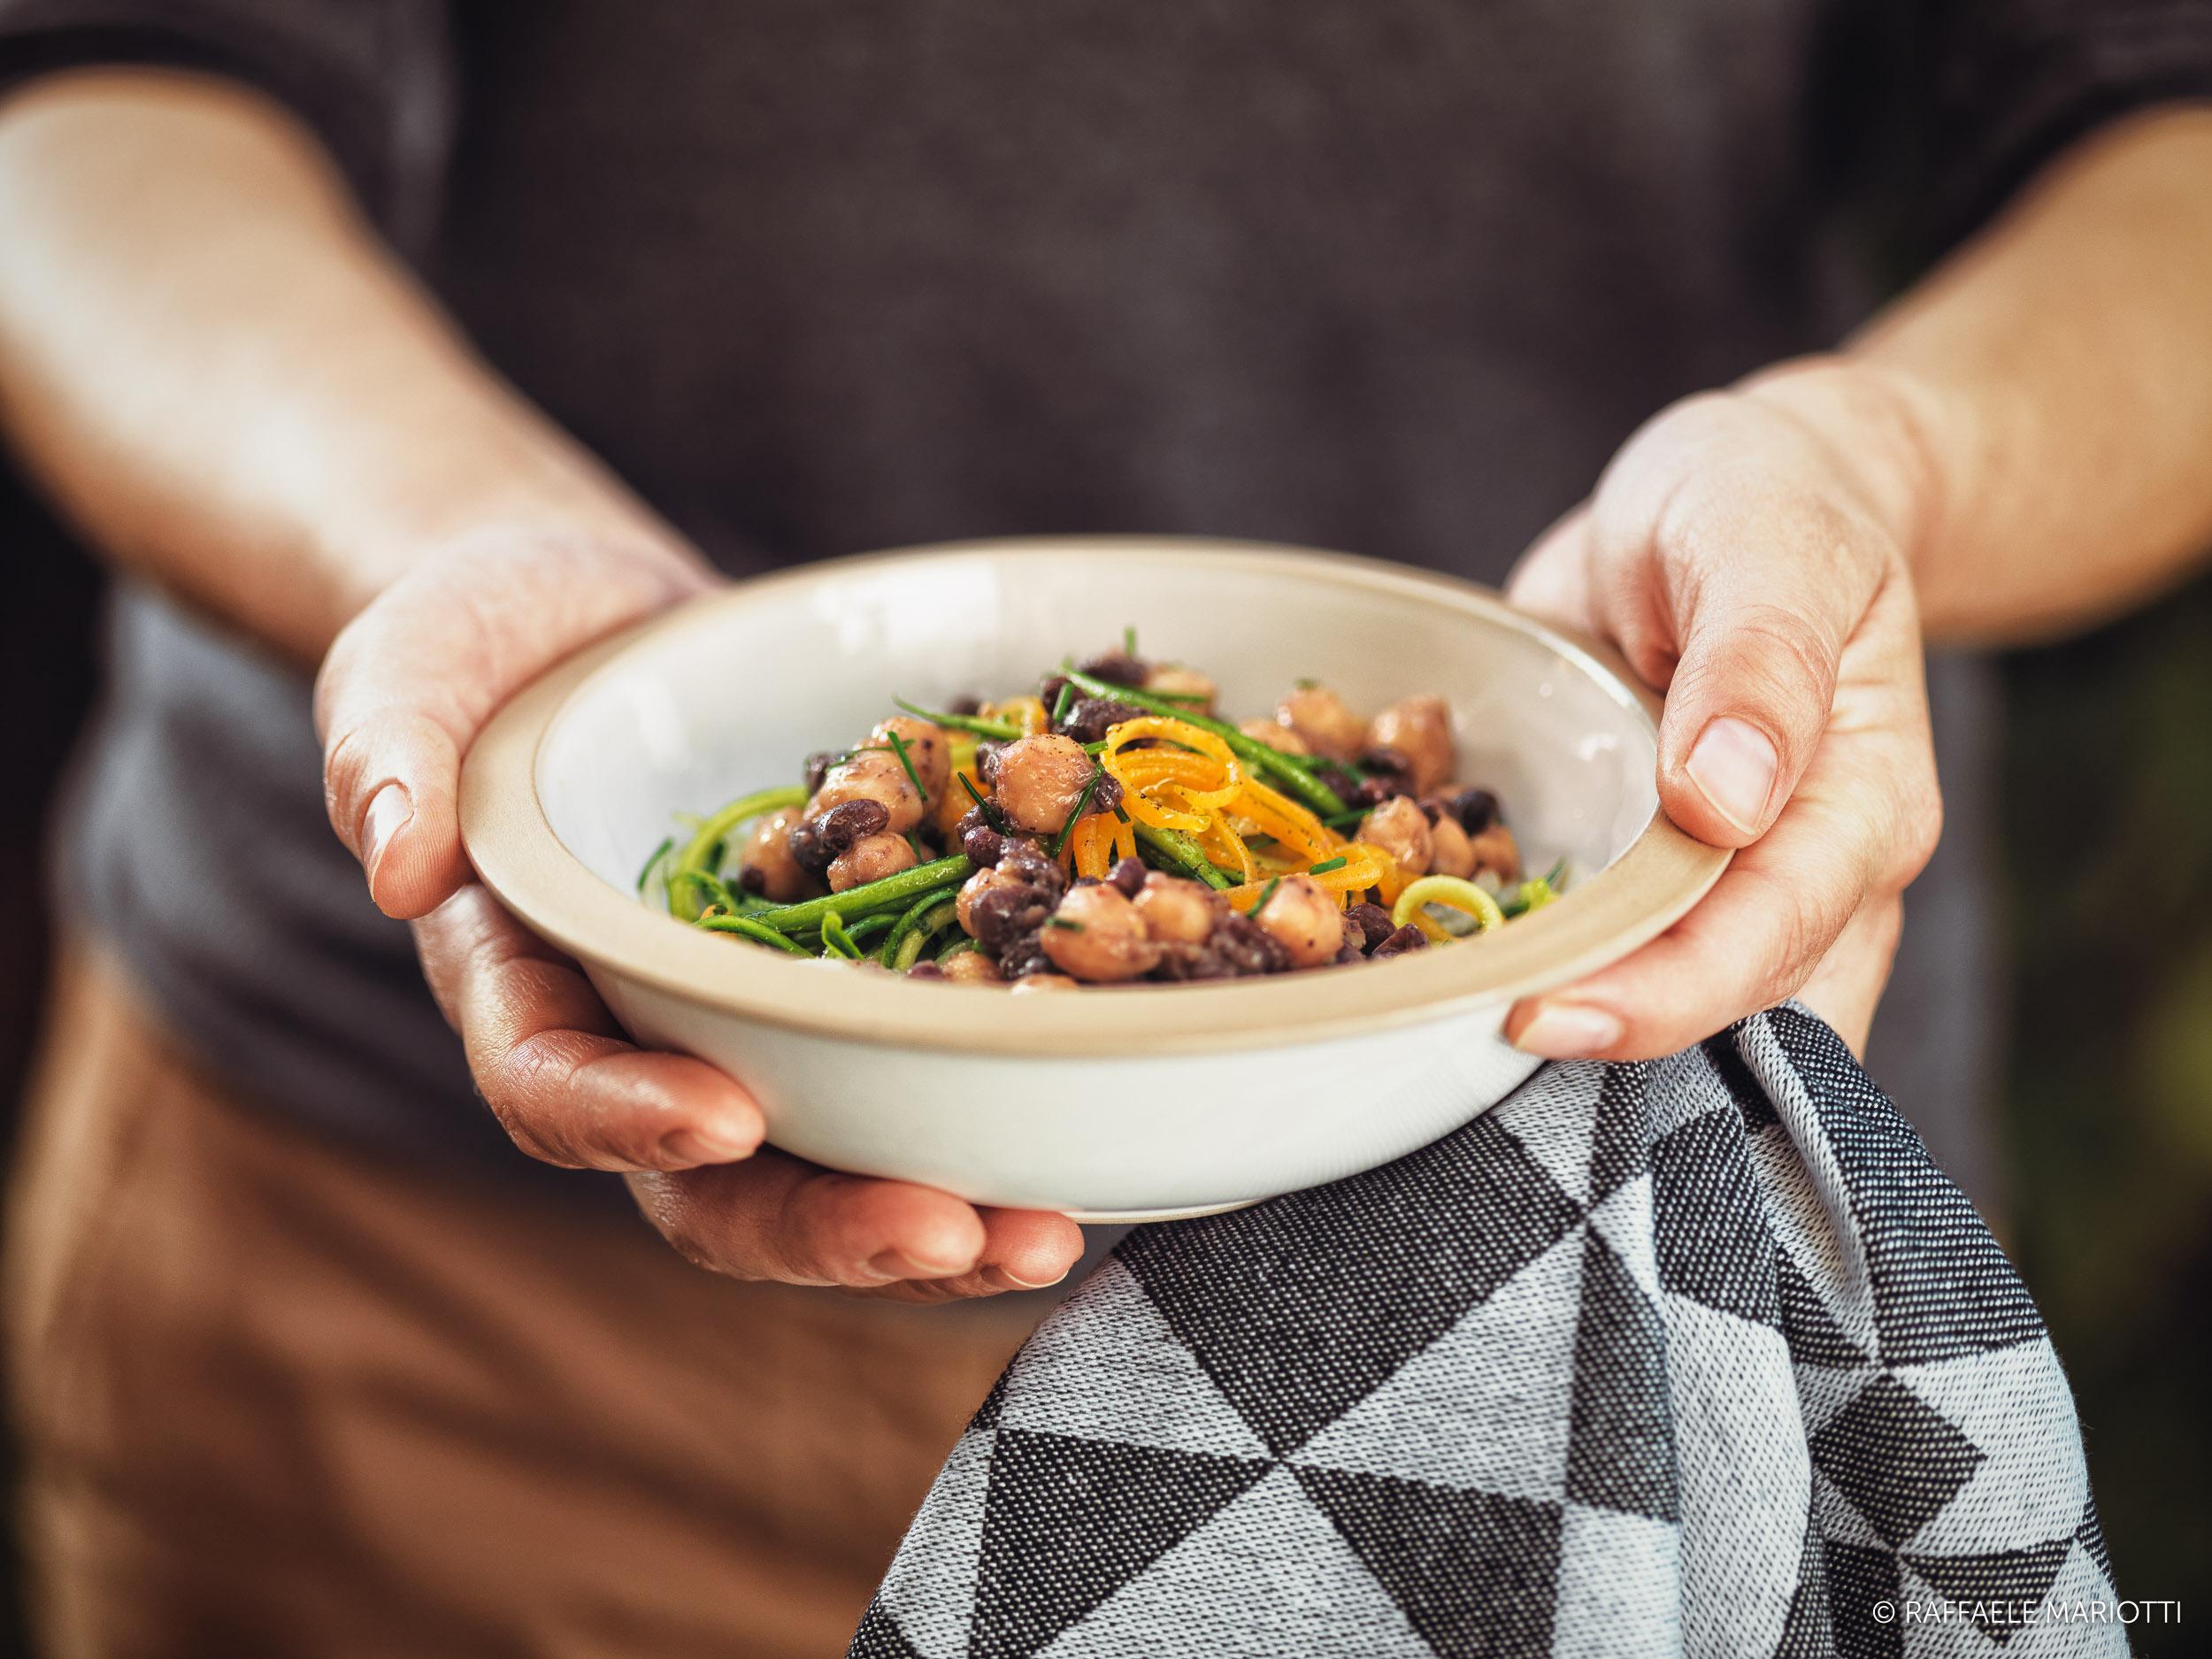 Insalata di ceci – Raffaele Mariotti fotografo food